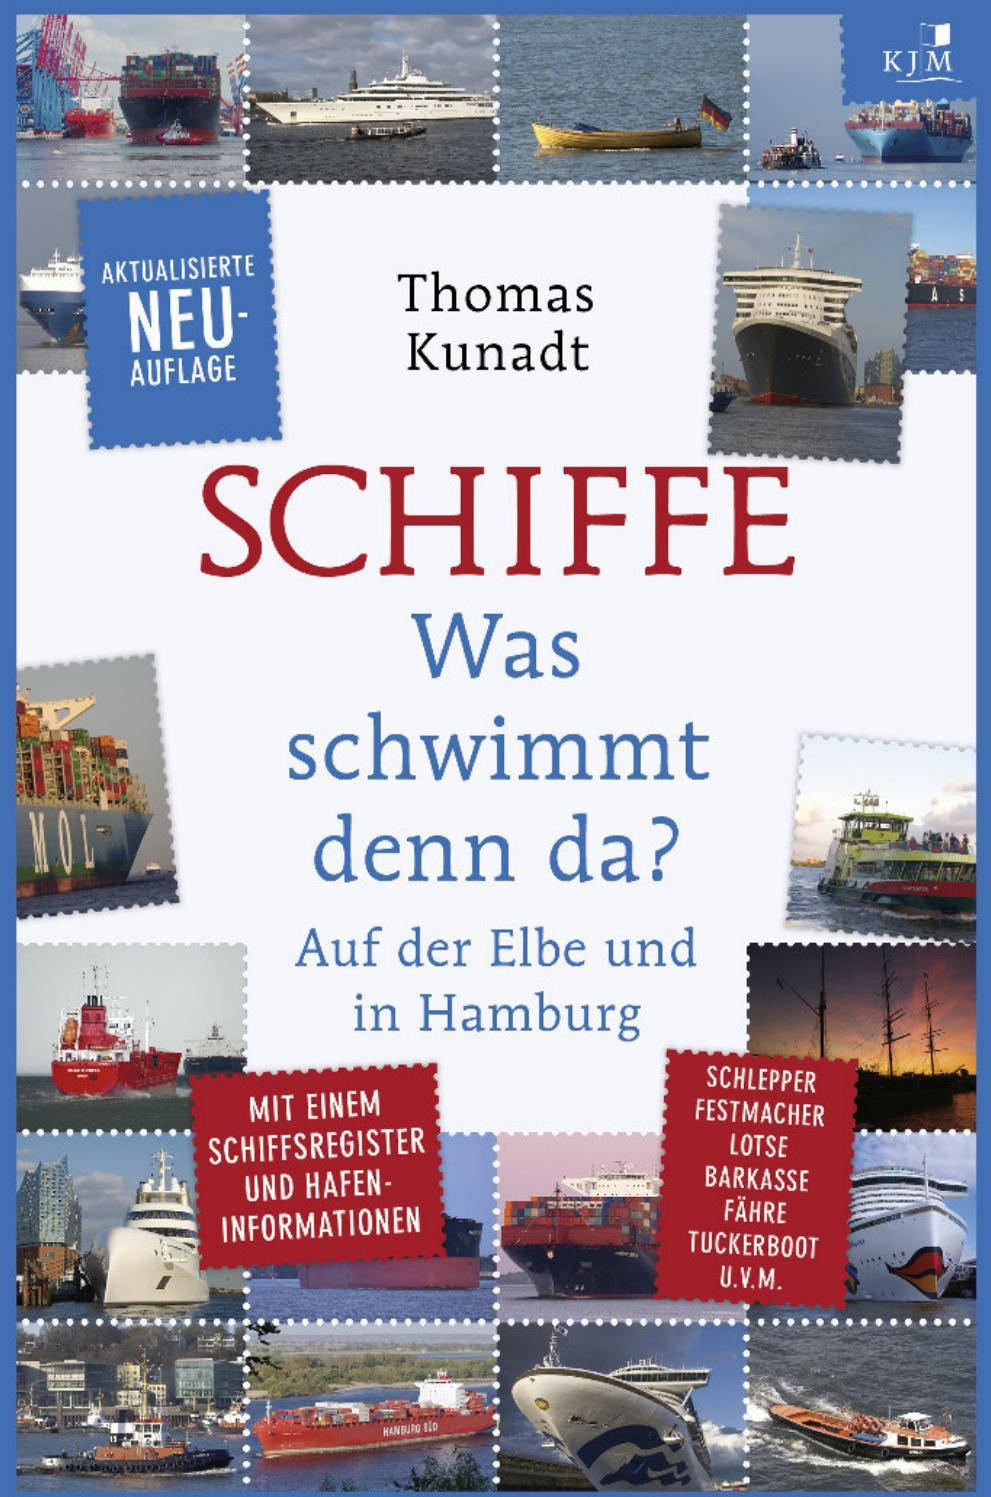 Thomas Kunadt: Schiffe. Was schwimmt denn da? (Vorschau) by Klaas ...